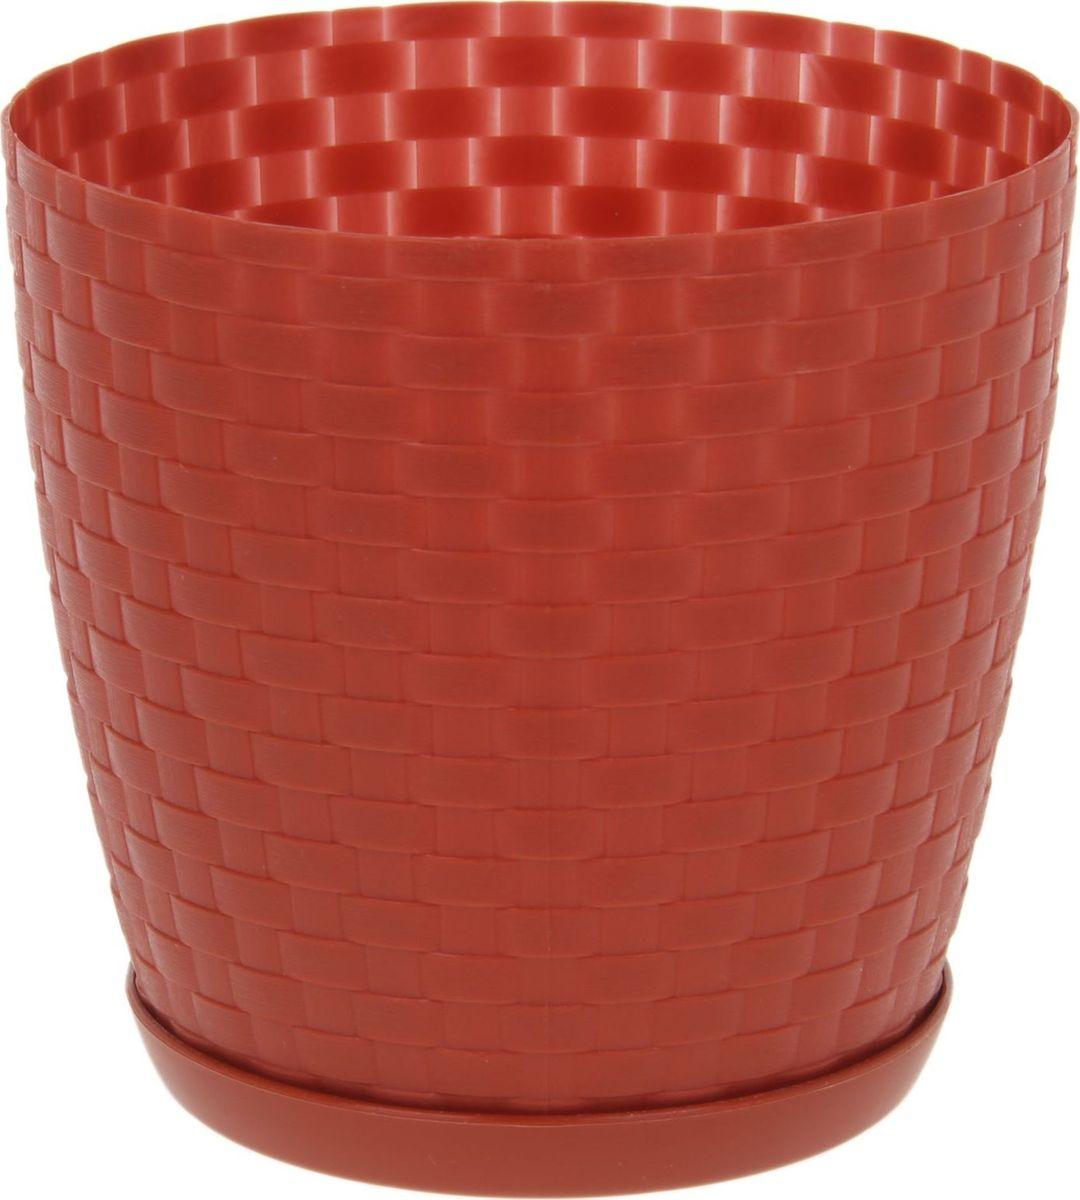 Горшок для цветов Петропласт Ротанг, с поддоном, цвет: терракотовый, 1,2 л531-402Любой, даже самый современный и продуманный интерьер будет не завершённым без растений. Они не только очищают воздух и насыщают его кислородом, но и заметно украшают окружающее пространство. Такому полезному &laquo члену семьи&raquoпросто необходимо красивое и функциональное кашпо, оригинальный горшок или необычная ваза! Мы предлагаем - Горшок для цветов 1,2 л с поддоном Ротанг, цвет терракотовый!Оптимальный выбор материала &mdash &nbsp пластмасса! Почему мы так считаем? Малый вес. С лёгкостью переносите горшки и кашпо с места на место, ставьте их на столики или полки, подвешивайте под потолок, не беспокоясь о нагрузке. Простота ухода. Пластиковые изделия не нуждаются в специальных условиях хранения. Их&nbsp легко чистить &mdashдостаточно просто сполоснуть тёплой водой. Никаких царапин. Пластиковые кашпо не царапают и не загрязняют поверхности, на которых стоят. Пластик дольше хранит влагу, а значит &mdashрастение реже нуждается в поливе. Пластмасса не пропускает воздух &mdashкорневой системе растения не грозят резкие перепады температур. Огромный выбор форм, декора и расцветок &mdashвы без труда подберёте что-то, что идеально впишется в уже существующий интерьер.Соблюдая нехитрые правила ухода, вы можете заметно продлить срок службы горшков, вазонов и кашпо из пластика: всегда учитывайте размер кроны и корневой системы растения (при разрастании большое растение способно повредить маленький горшок)берегите изделие от воздействия прямых солнечных лучей, чтобы кашпо и горшки не выцветалидержите кашпо и горшки из пластика подальше от нагревающихся поверхностей.Создавайте прекрасные цветочные композиции, выращивайте рассаду или необычные растения, а низкие цены позволят вам не ограничивать себя в выборе.